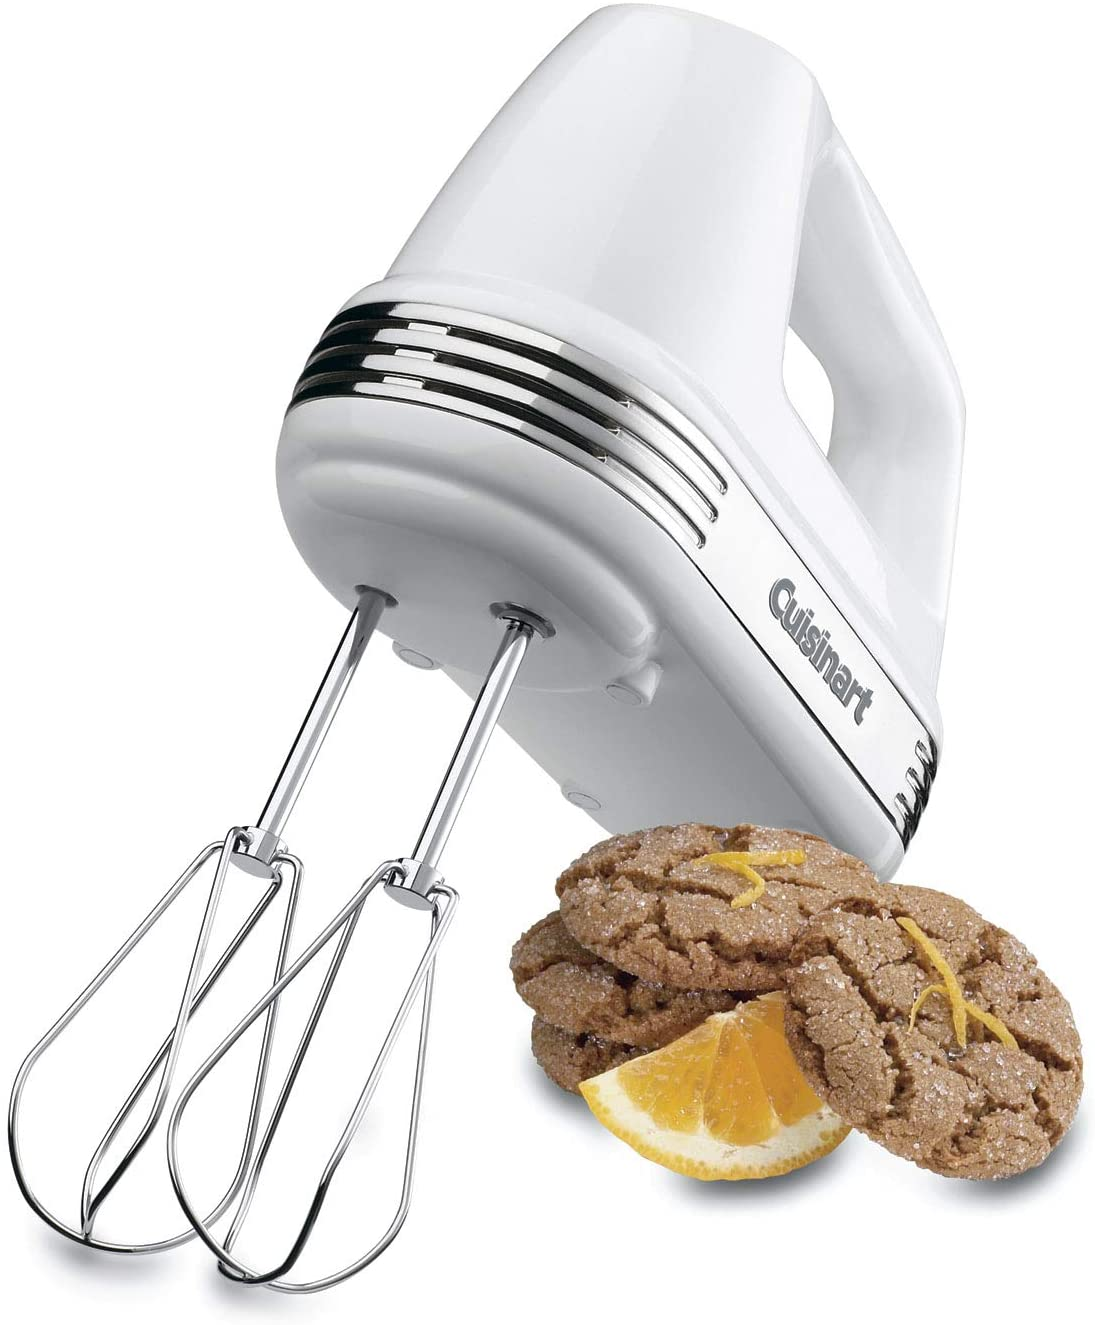 Cuisinart(クイジナート) ハンドミキサー HM-50の商品画像